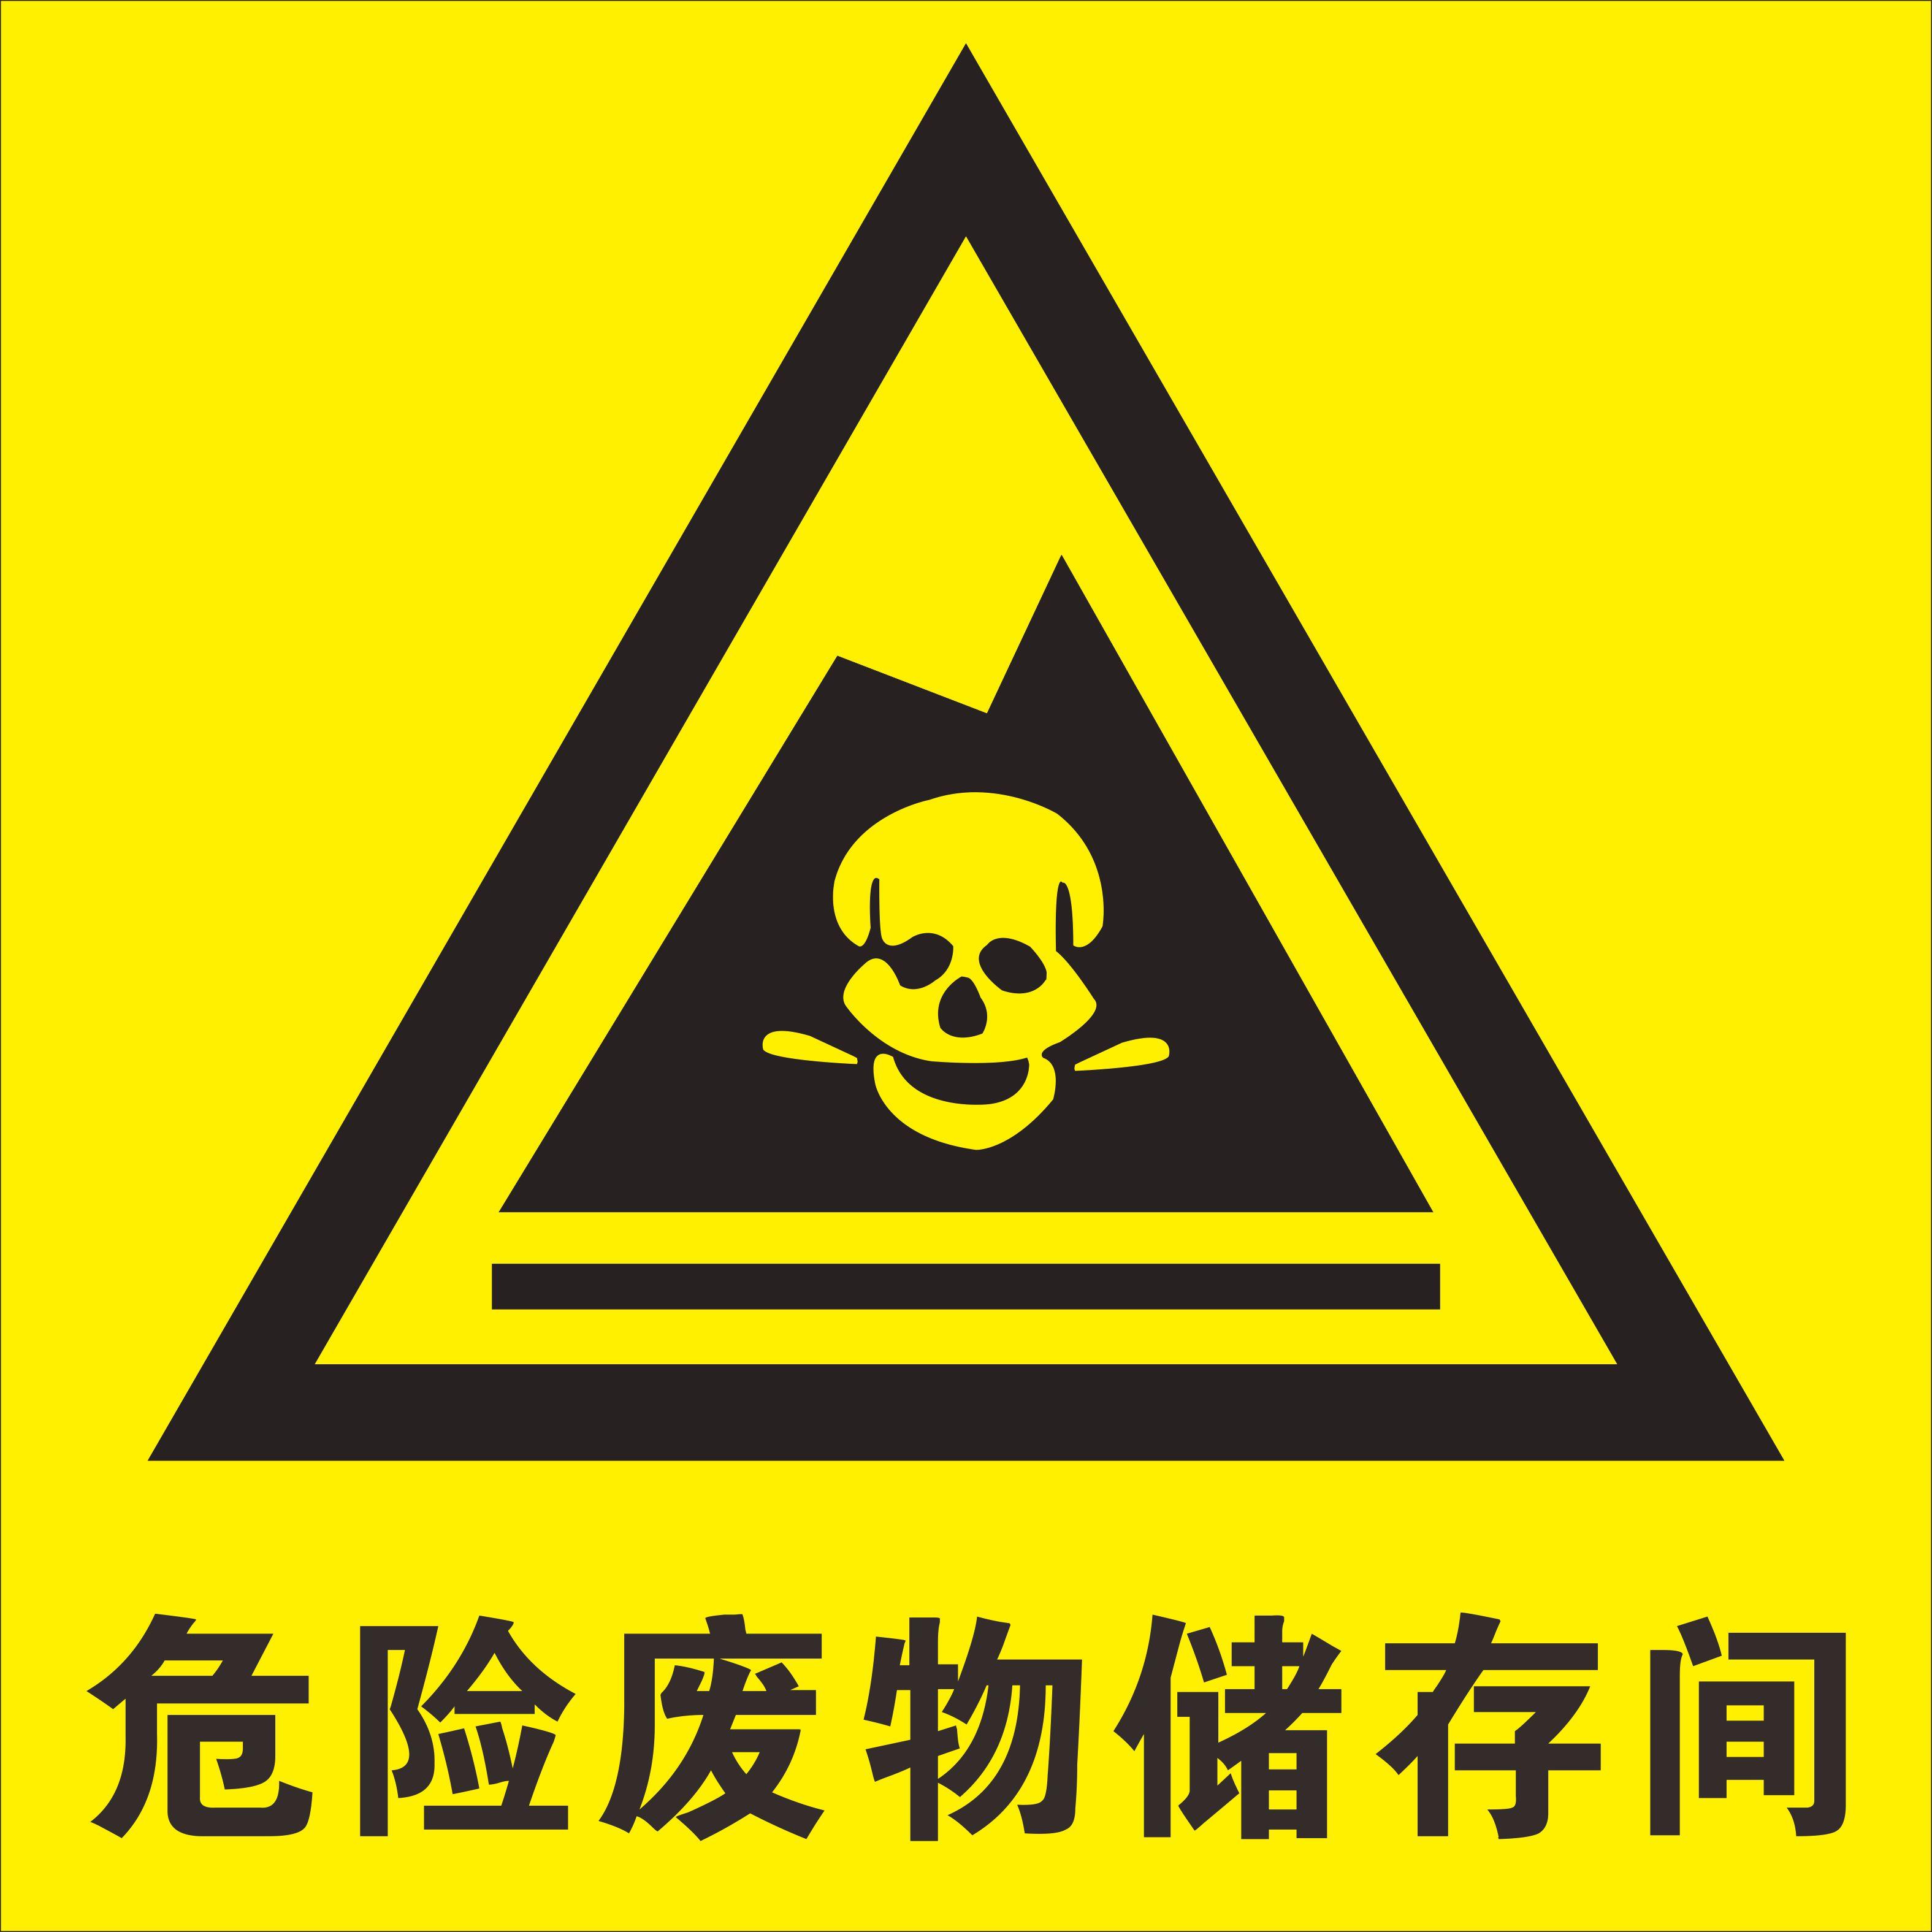 a废物废物储存间暂存处标牌提示牌危废分类环保标识一根骨头北京警示牌纬设计度三角图片